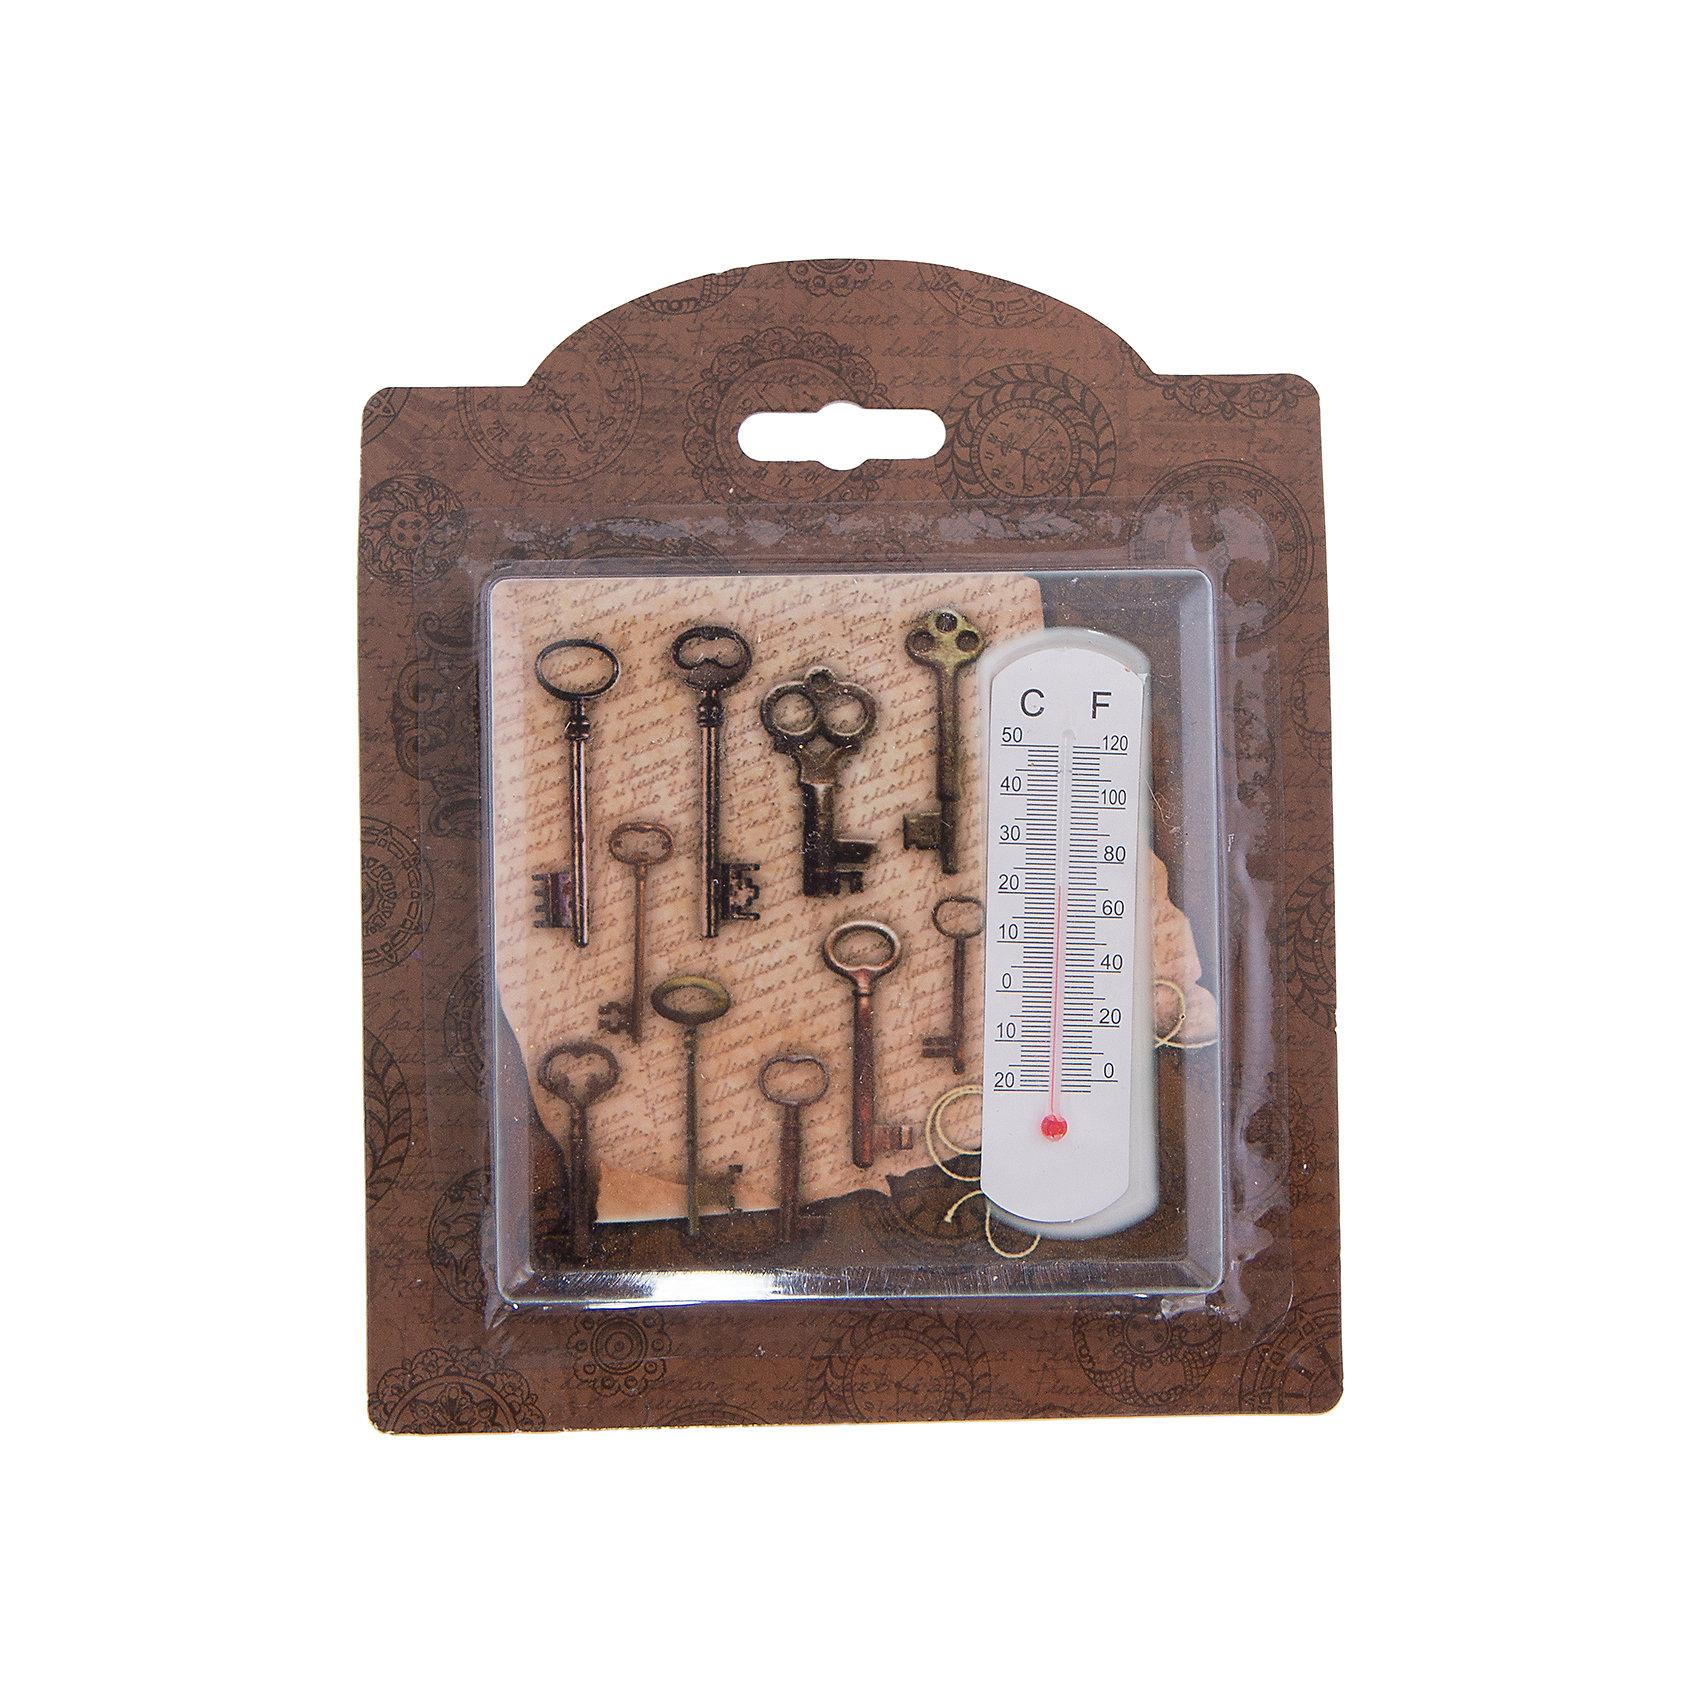 Термометр декоративный арт.40976, Magic HomeБытовой термометр для измерения комнатной температуры – это декоративный жидкостный термометр в керамическом корпусе. Имеет шкалы деления Цельсия и Фаренгейта. Шкала температур: -20оС до +50оС. <br><br>Дополнительная информация:<br><br>Размер: 10х10 см <br><br>Термометр декоративный арт.40976, Magic Home можно купить в нашем интернет-магазине.<br><br>Ширина мм: 140<br>Глубина мм: 150<br>Высота мм: 10<br>Вес г: 125<br>Возраст от месяцев: 216<br>Возраст до месяцев: 1200<br>Пол: Унисекс<br>Возраст: Детский<br>SKU: 5030476